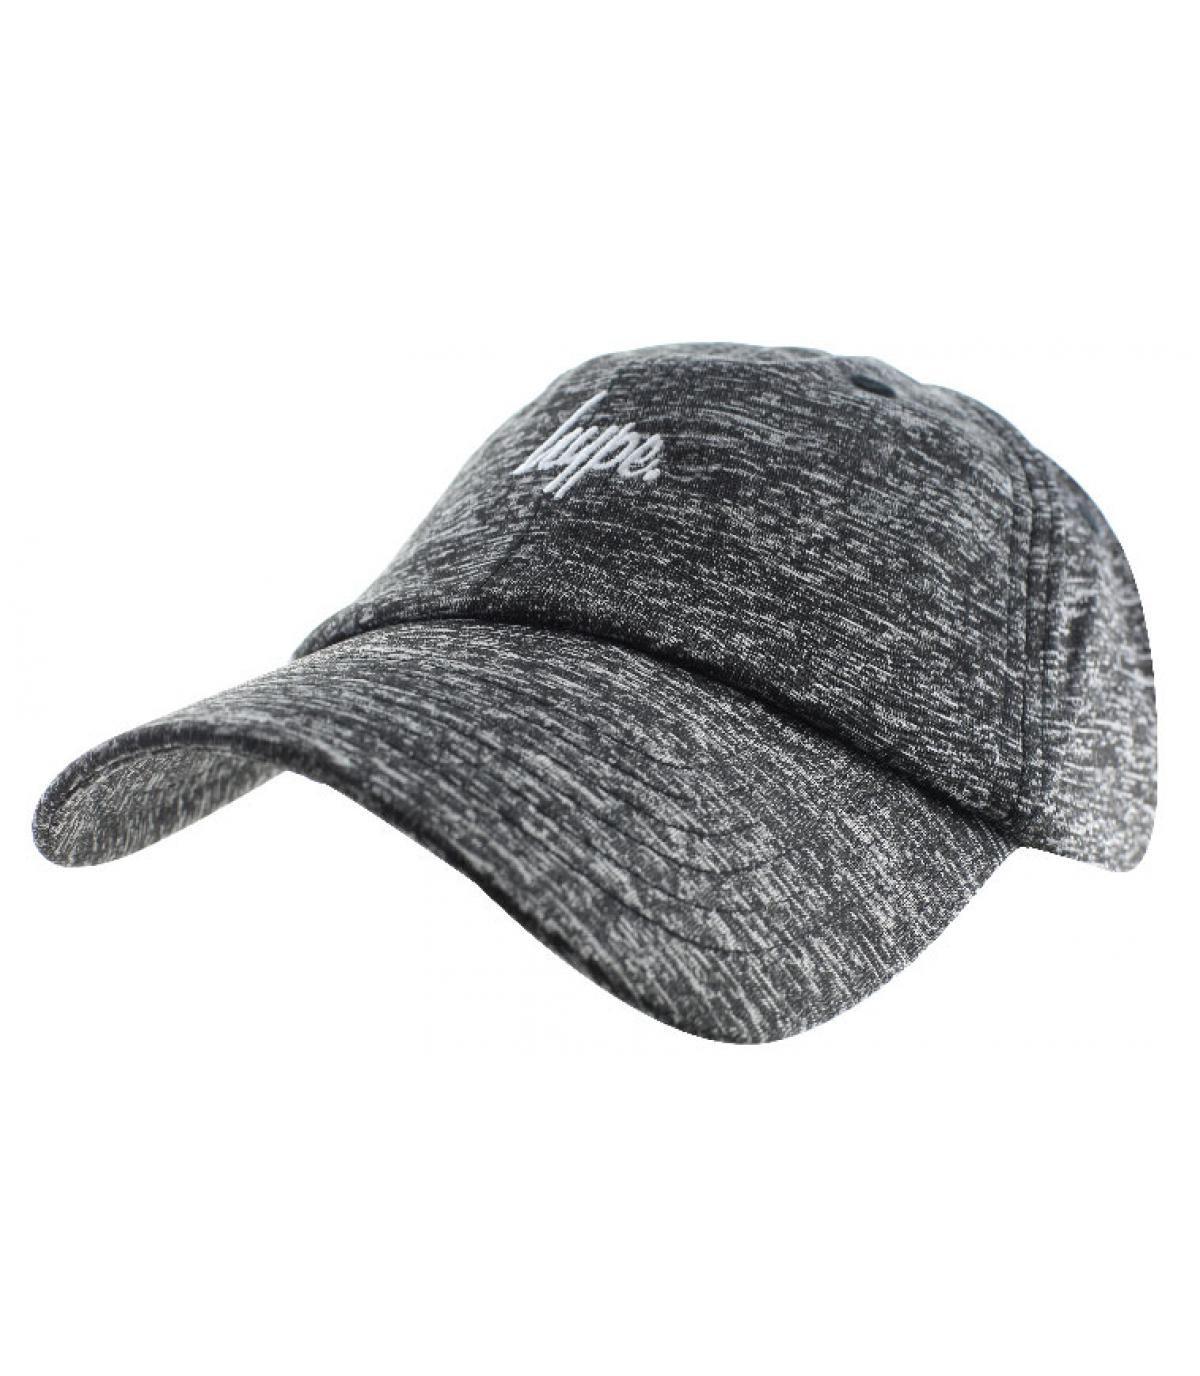 acheter en ligne ad838 305e8 Space Dye Dad Cap